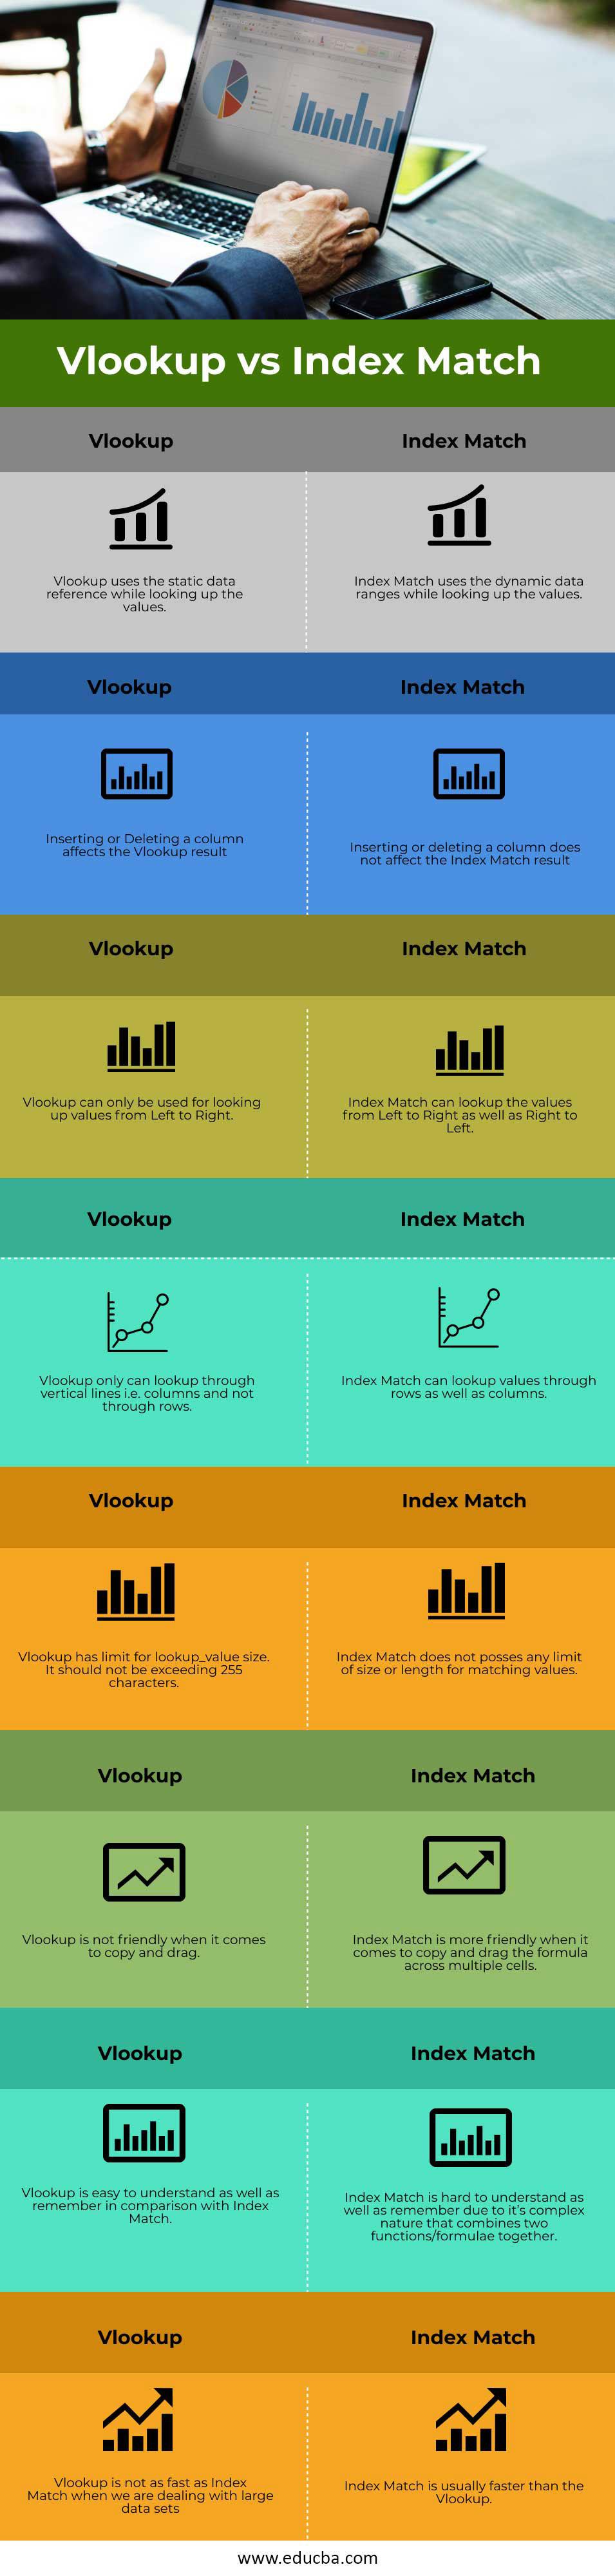 Vlookup vs Index Match